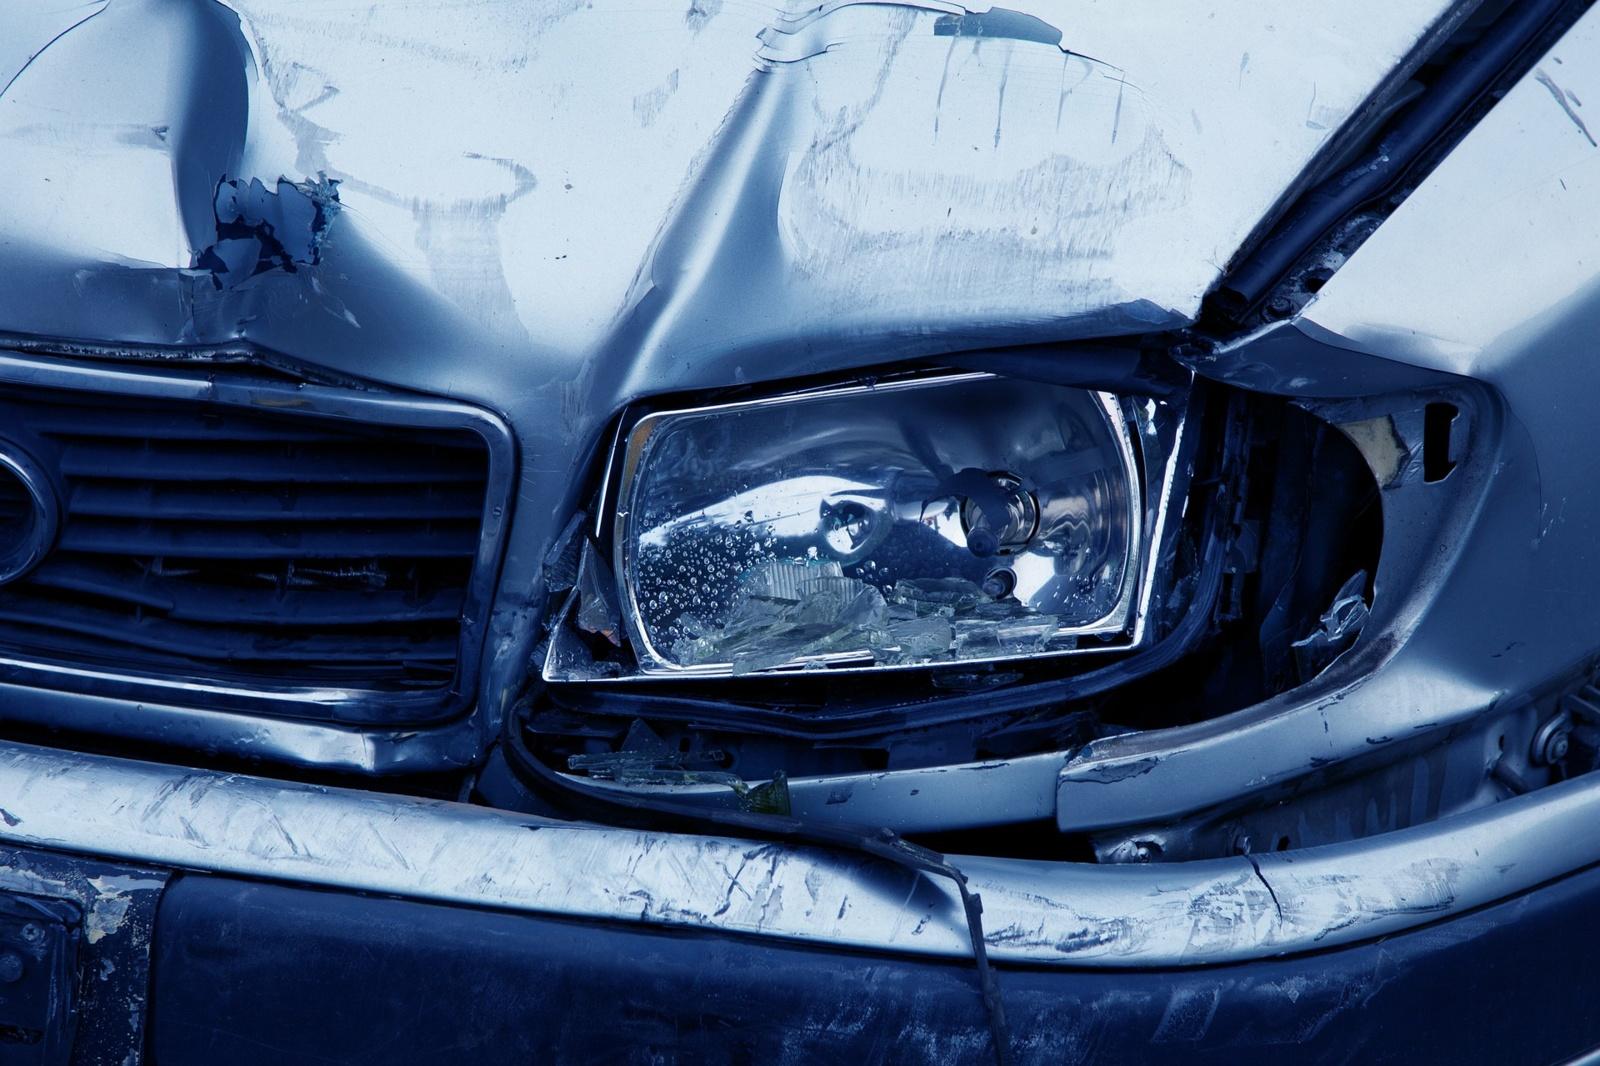 Diena, kai vairuotojus kelyje dažniausiai užklumpa netikėtumai